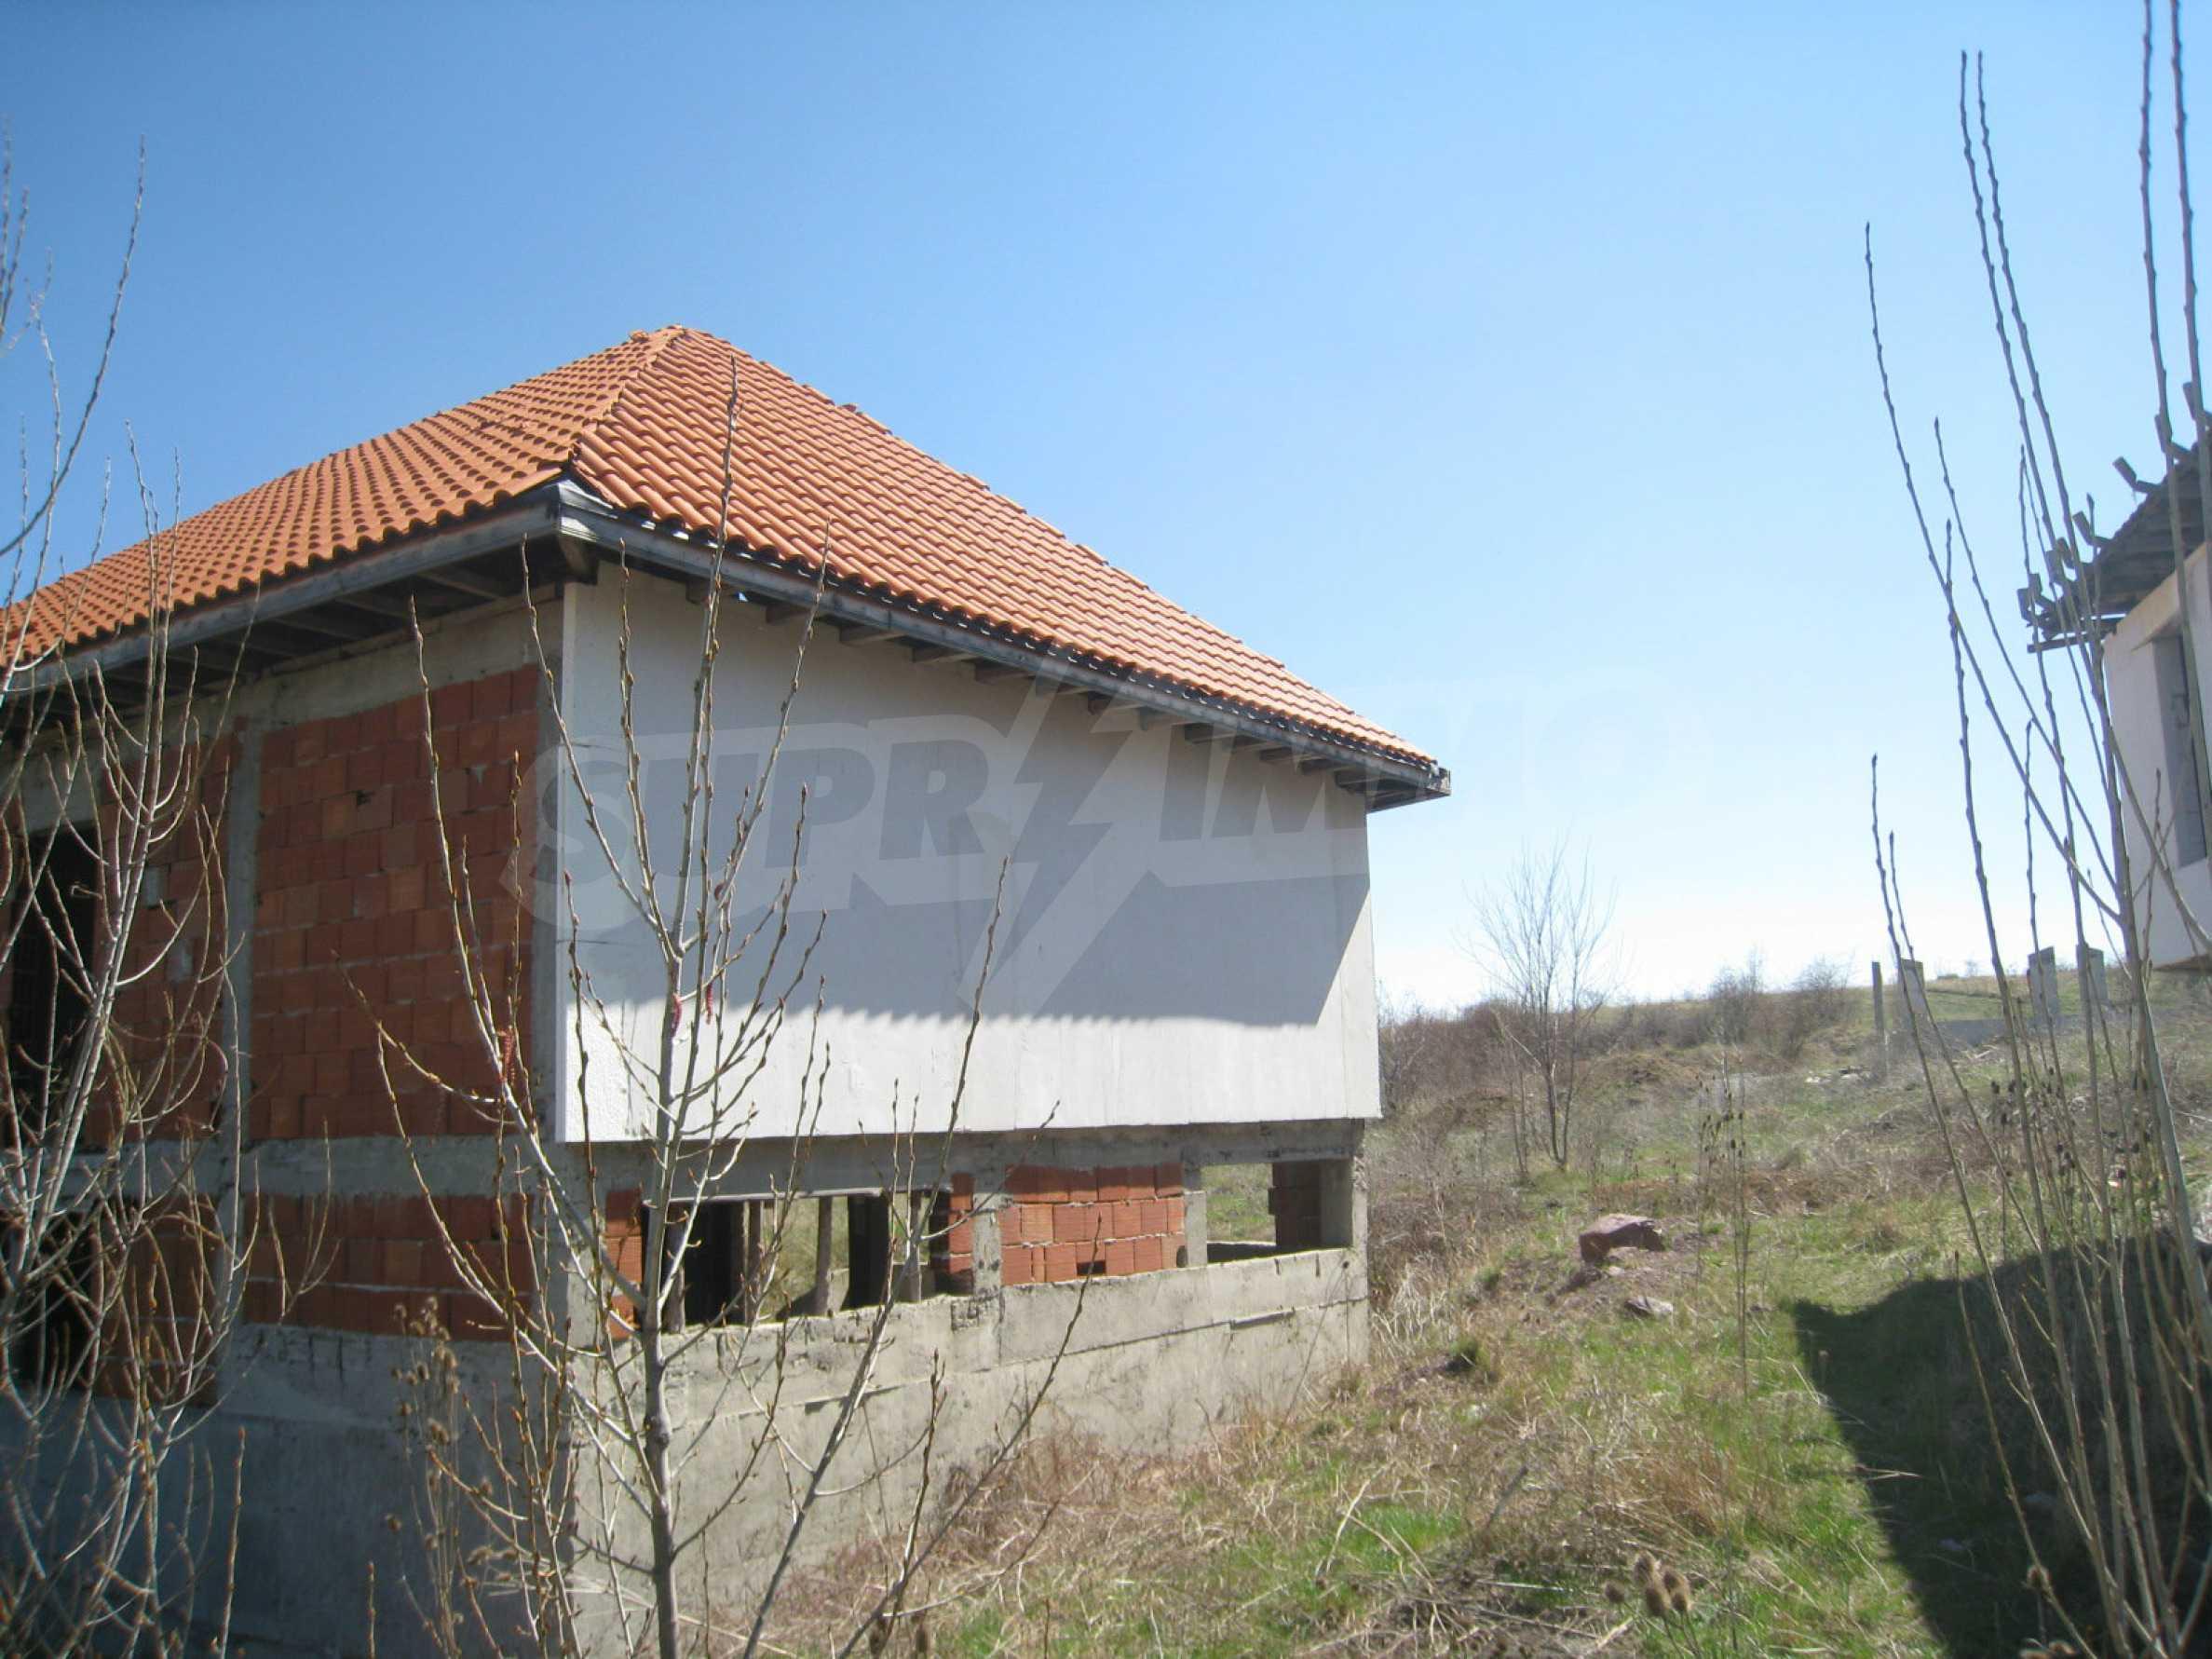 Großes Haus mit Hof 5 km von der Ringstraße in Sofia entfernt 29